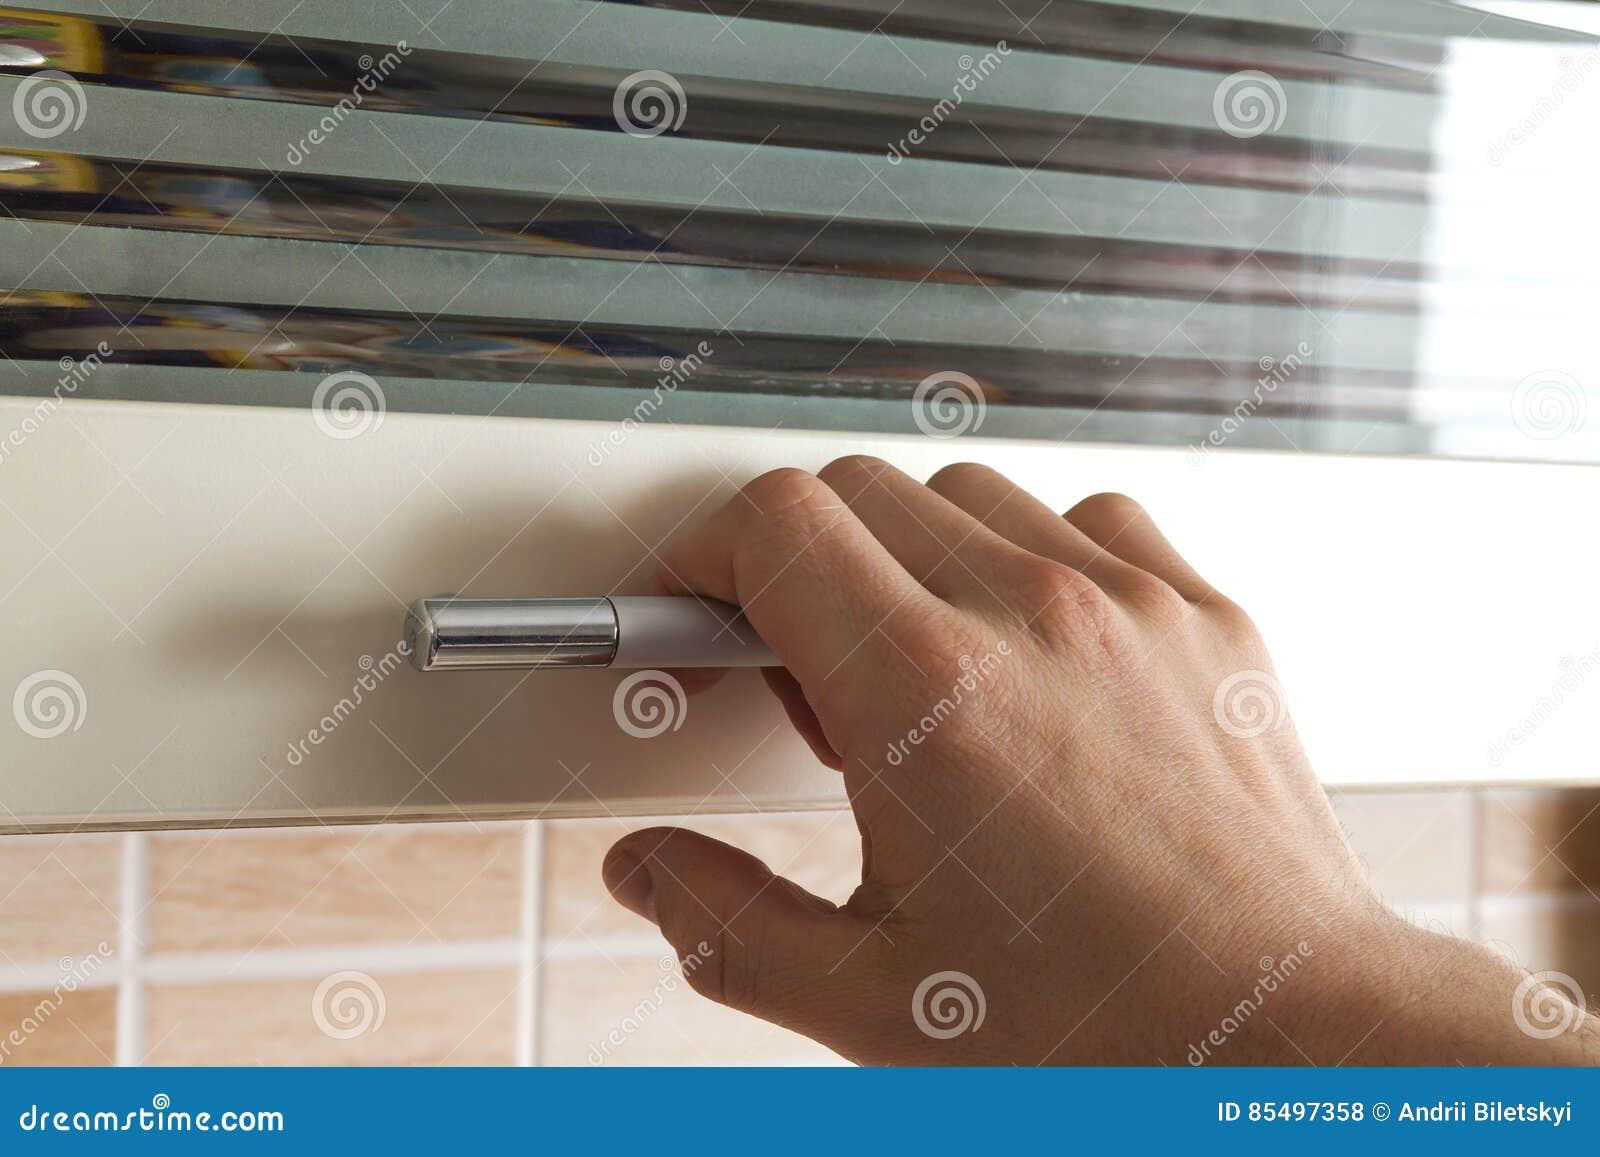 bemannt hand eröffnen die küchenschranktüren, abschluss stockfoto